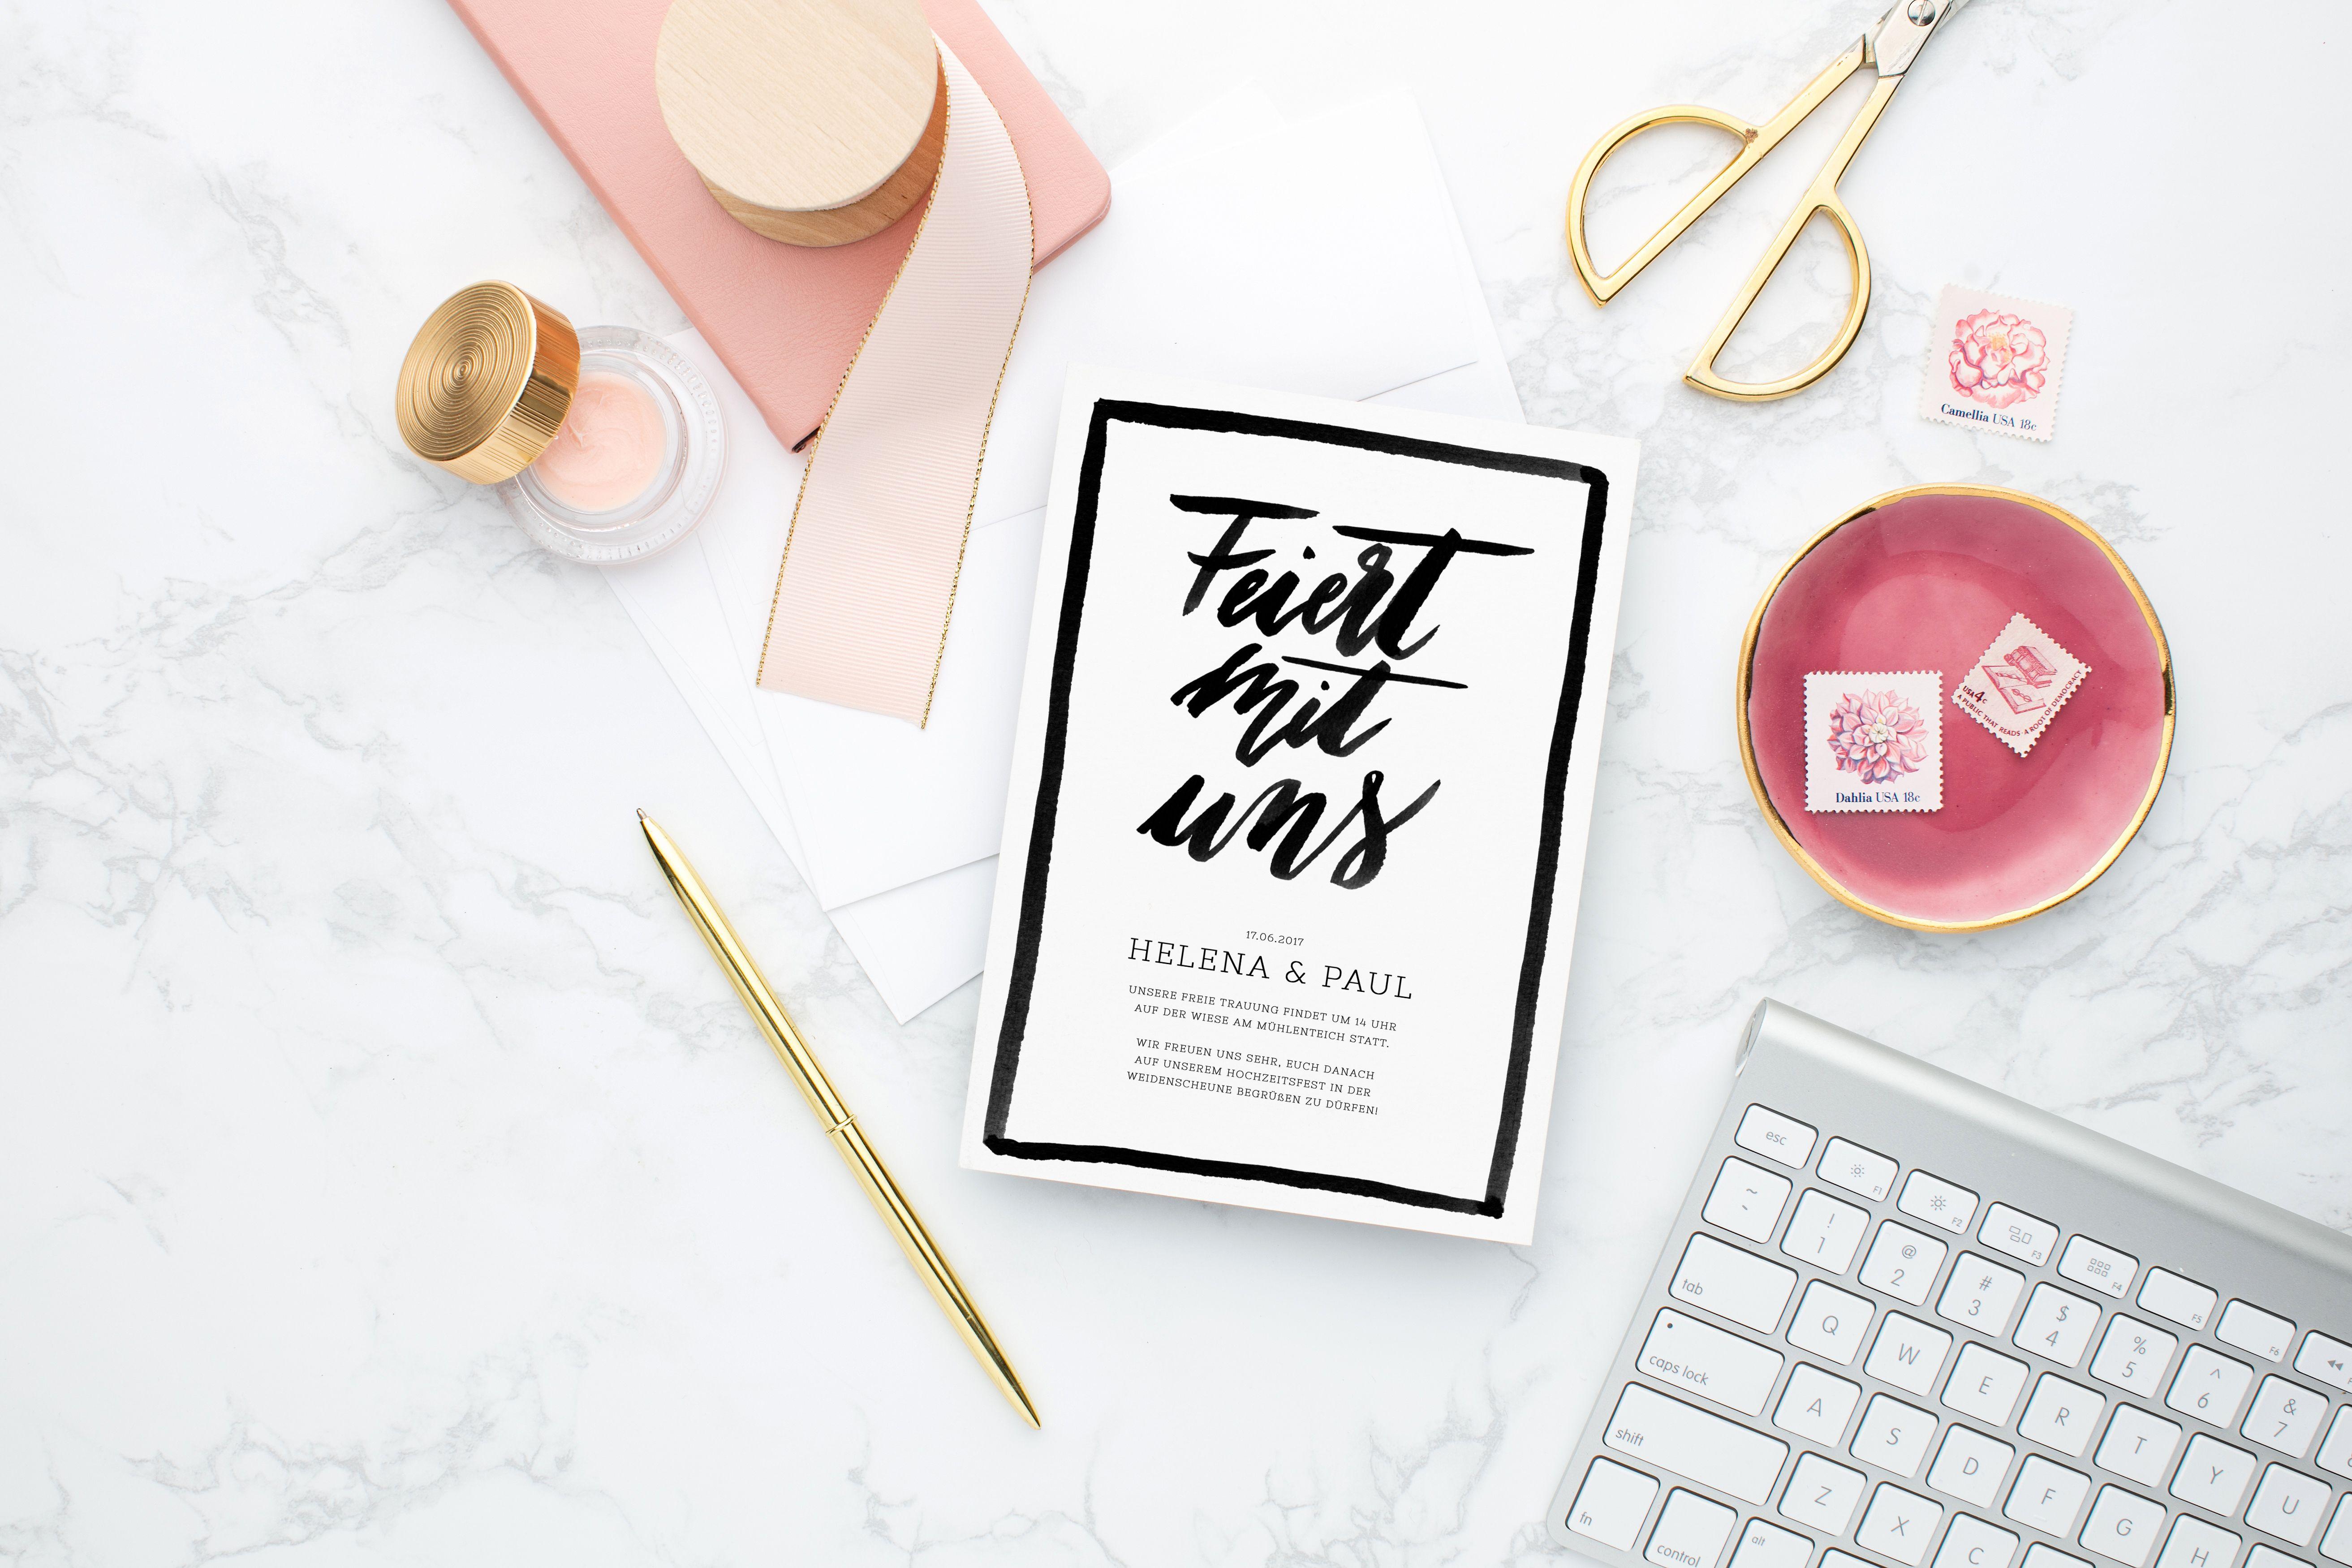 Einladung Hochzeit Download, Einladung Hochzeit Printable #printable # Einladung #hochzeit #download #